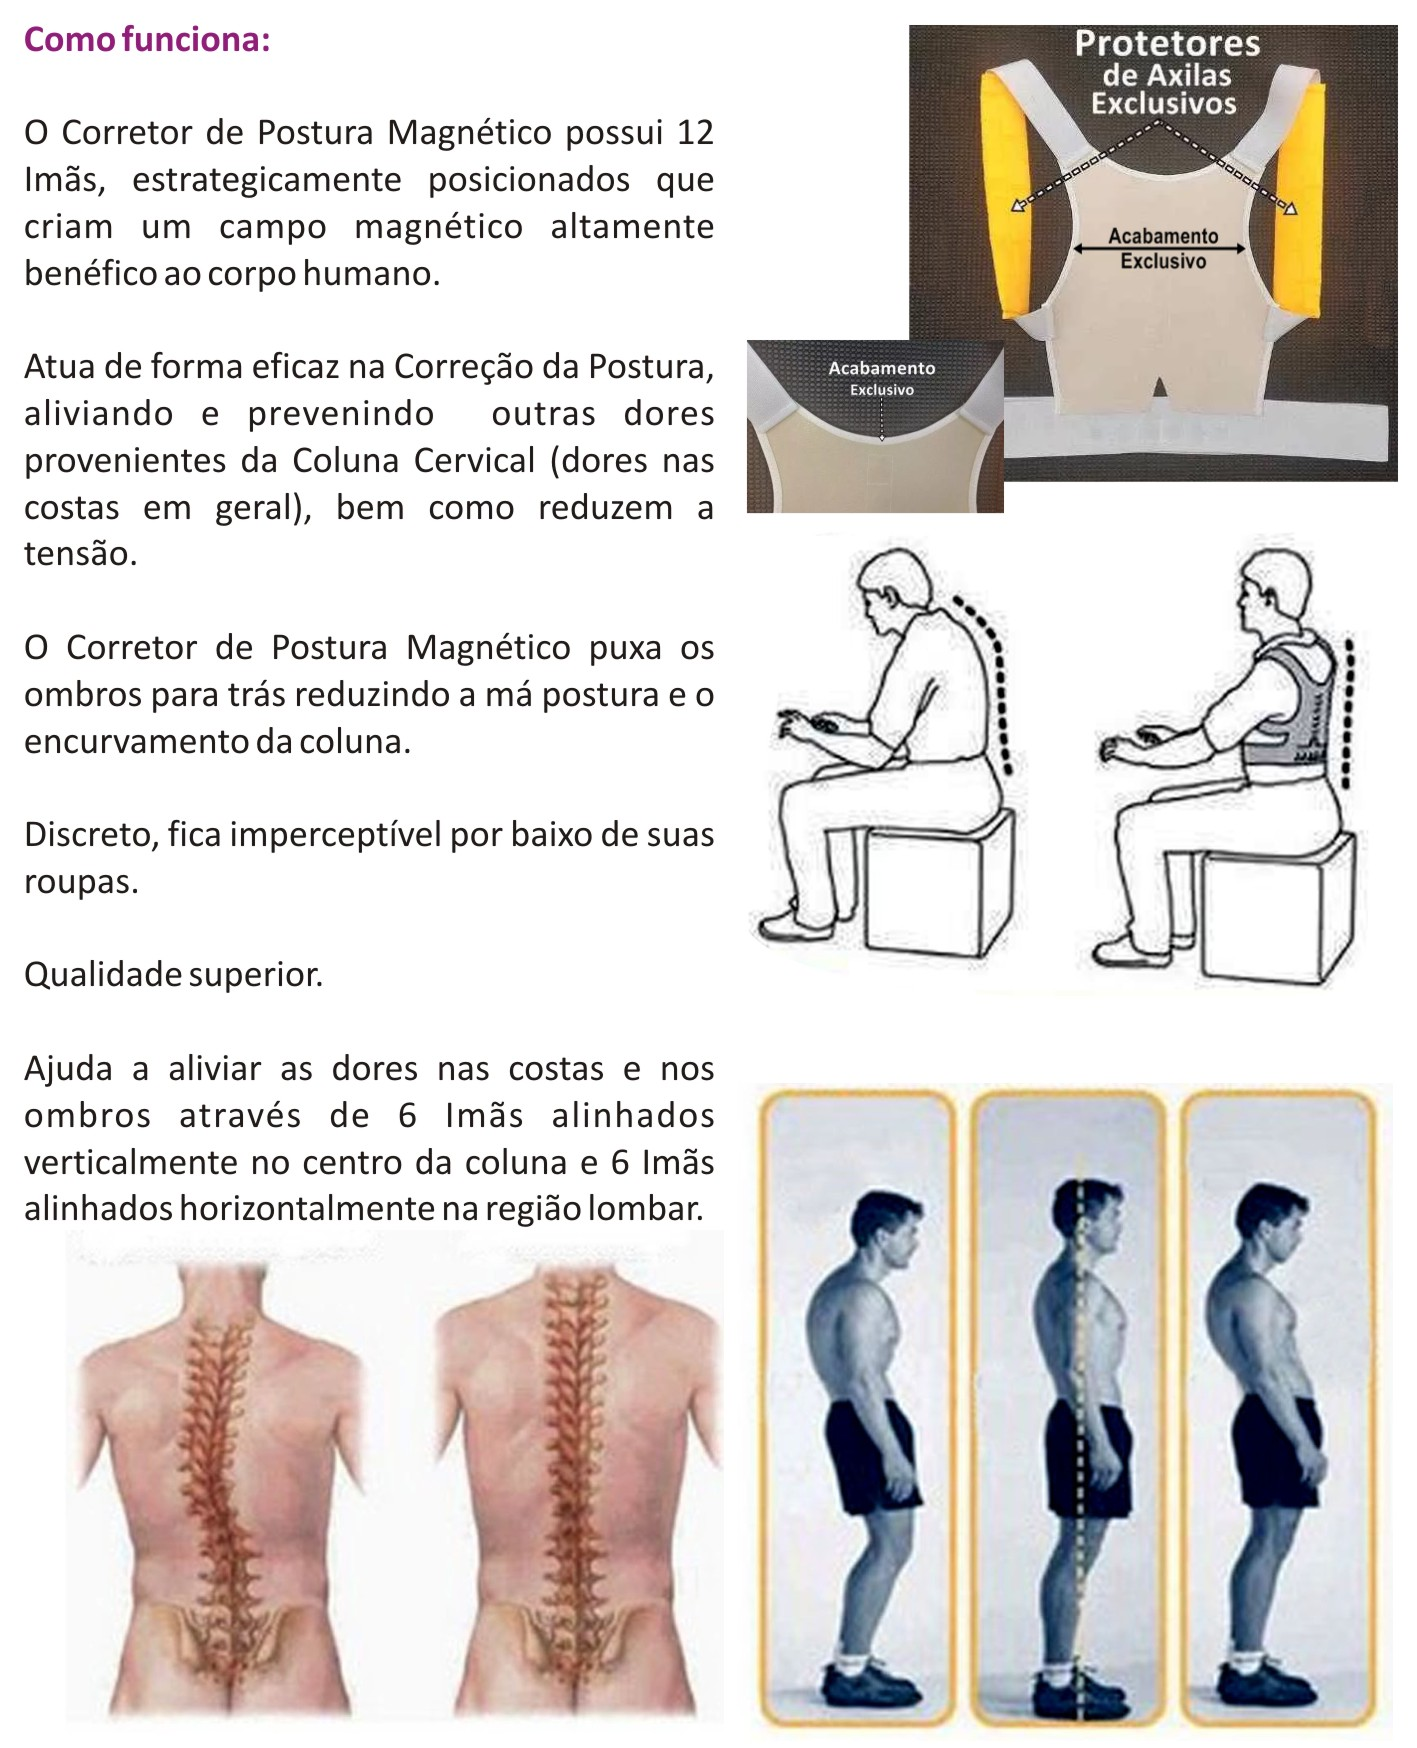 corretor de postura magnetico_2016_2.jpg